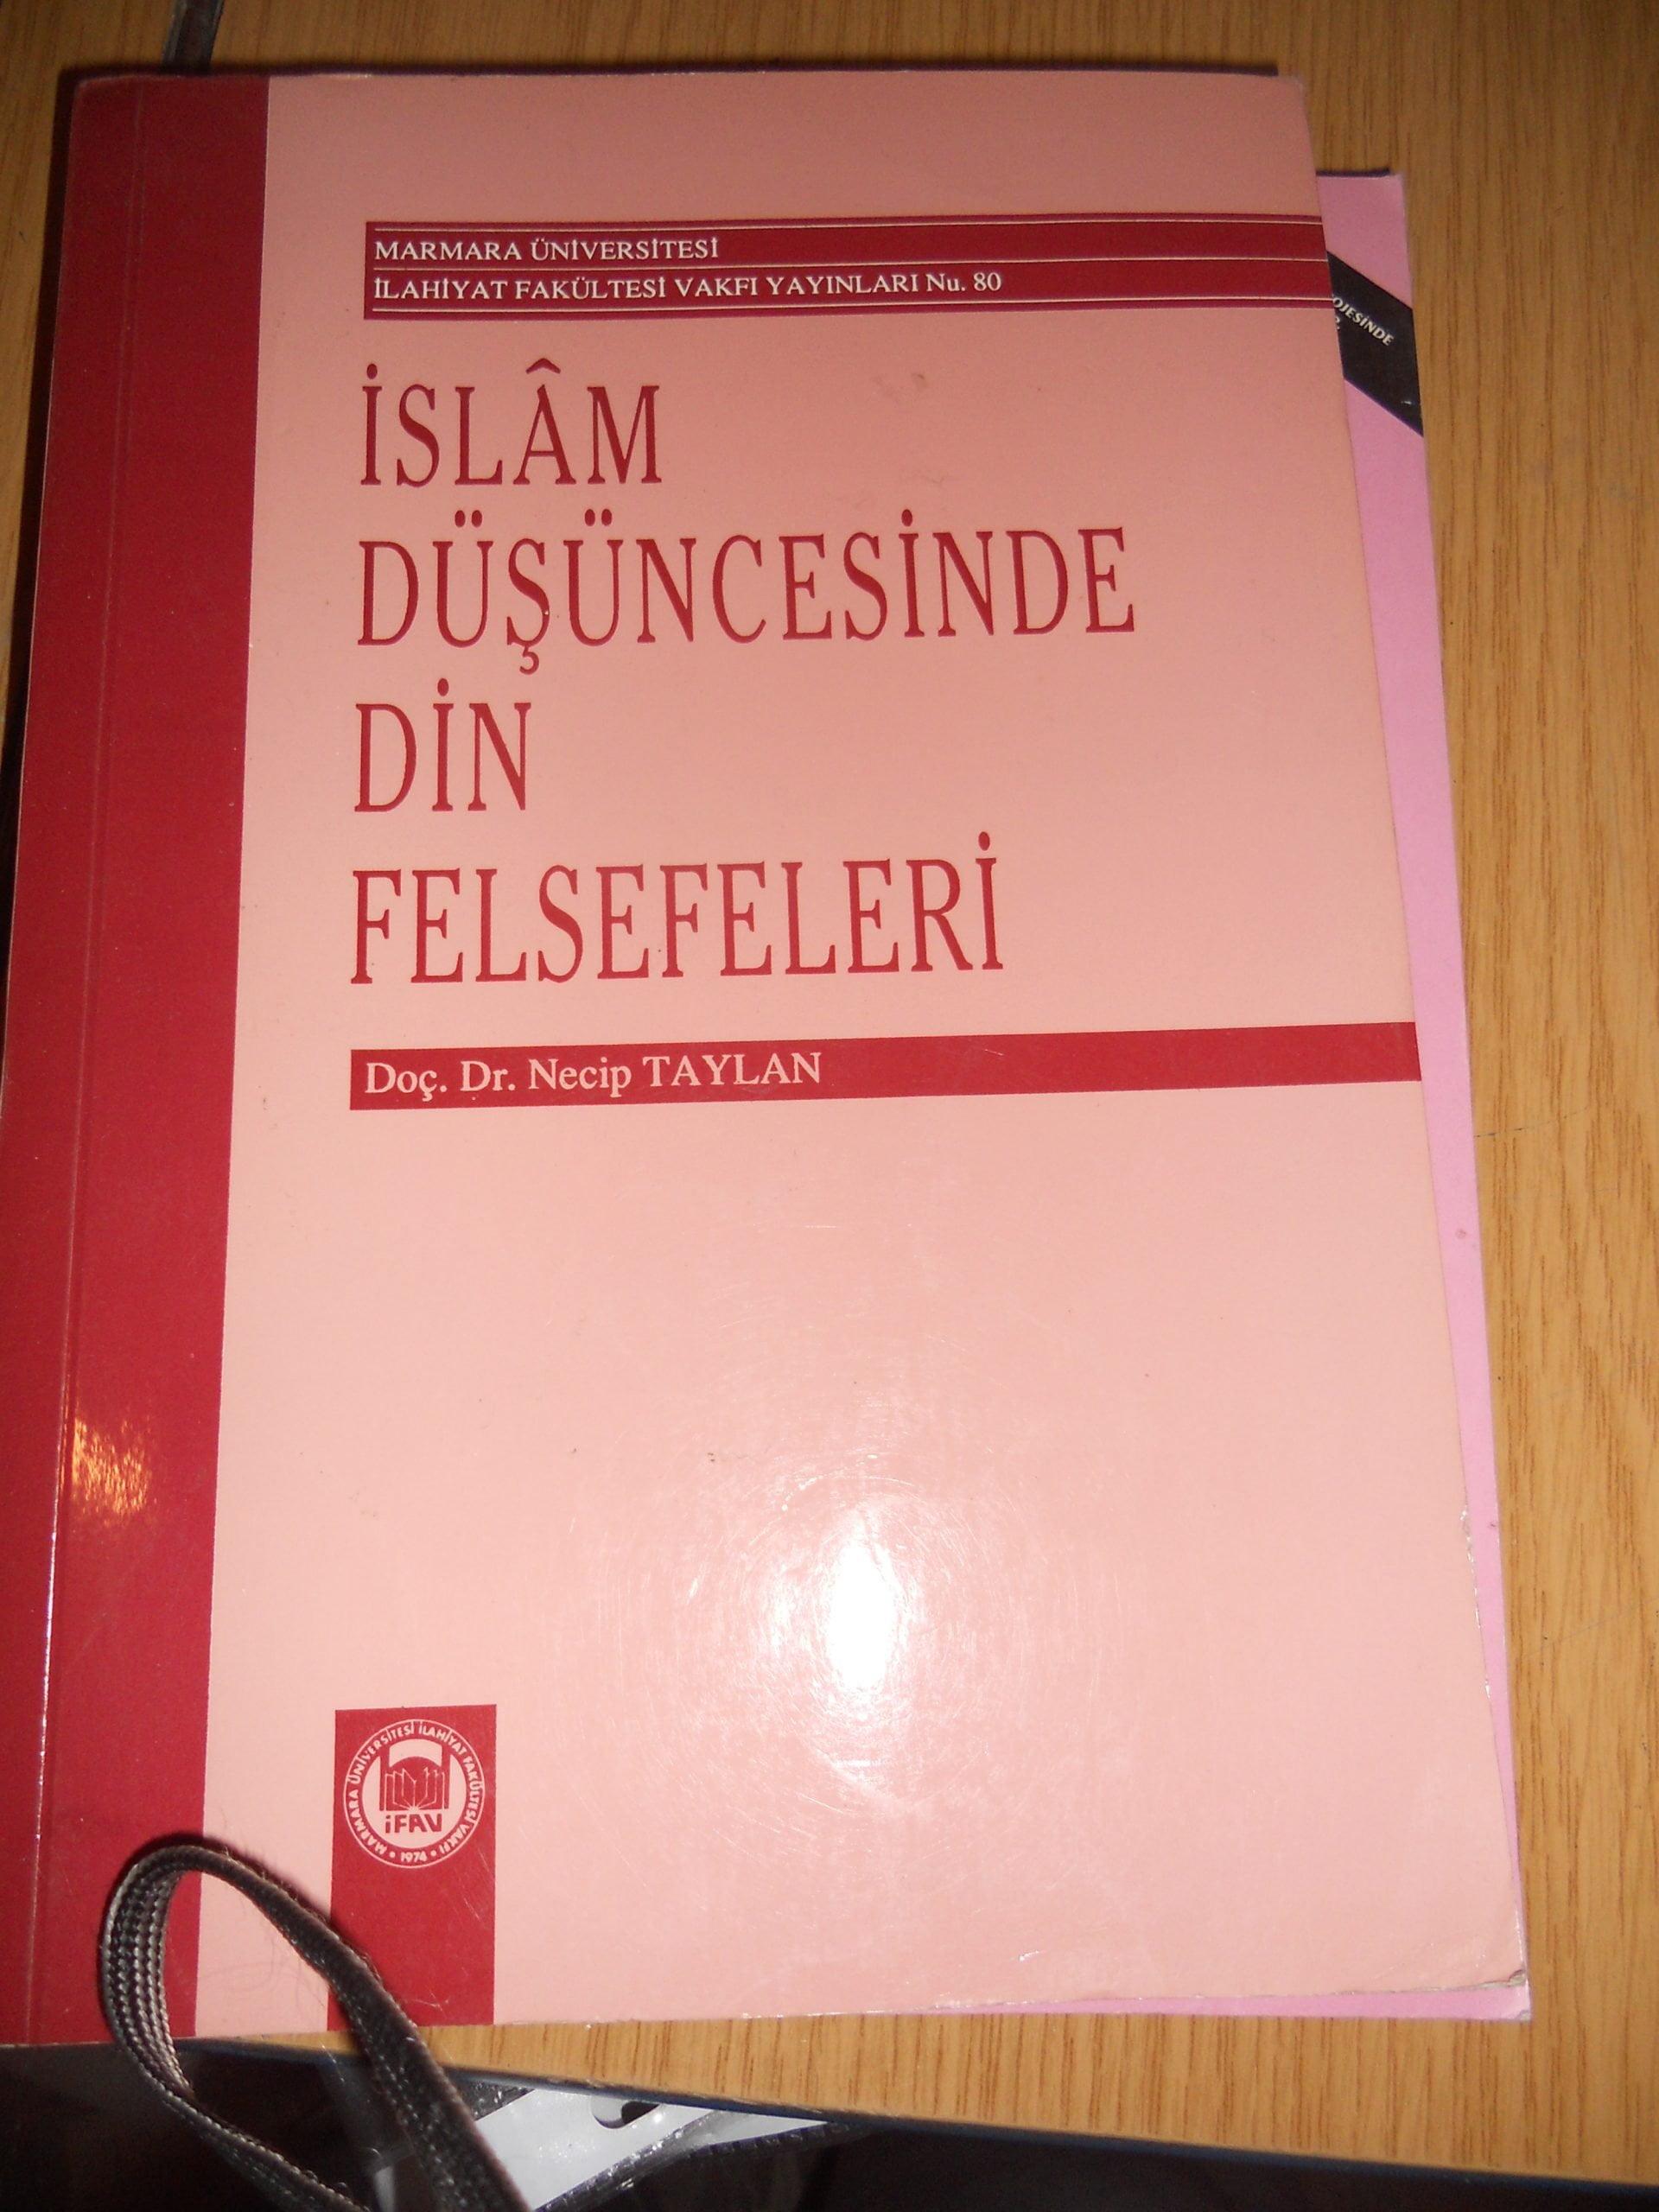 İSLAM DÜŞÜNCESİNDE DİN FELSEFELERİ/ Necip TAYLAN/15 TL